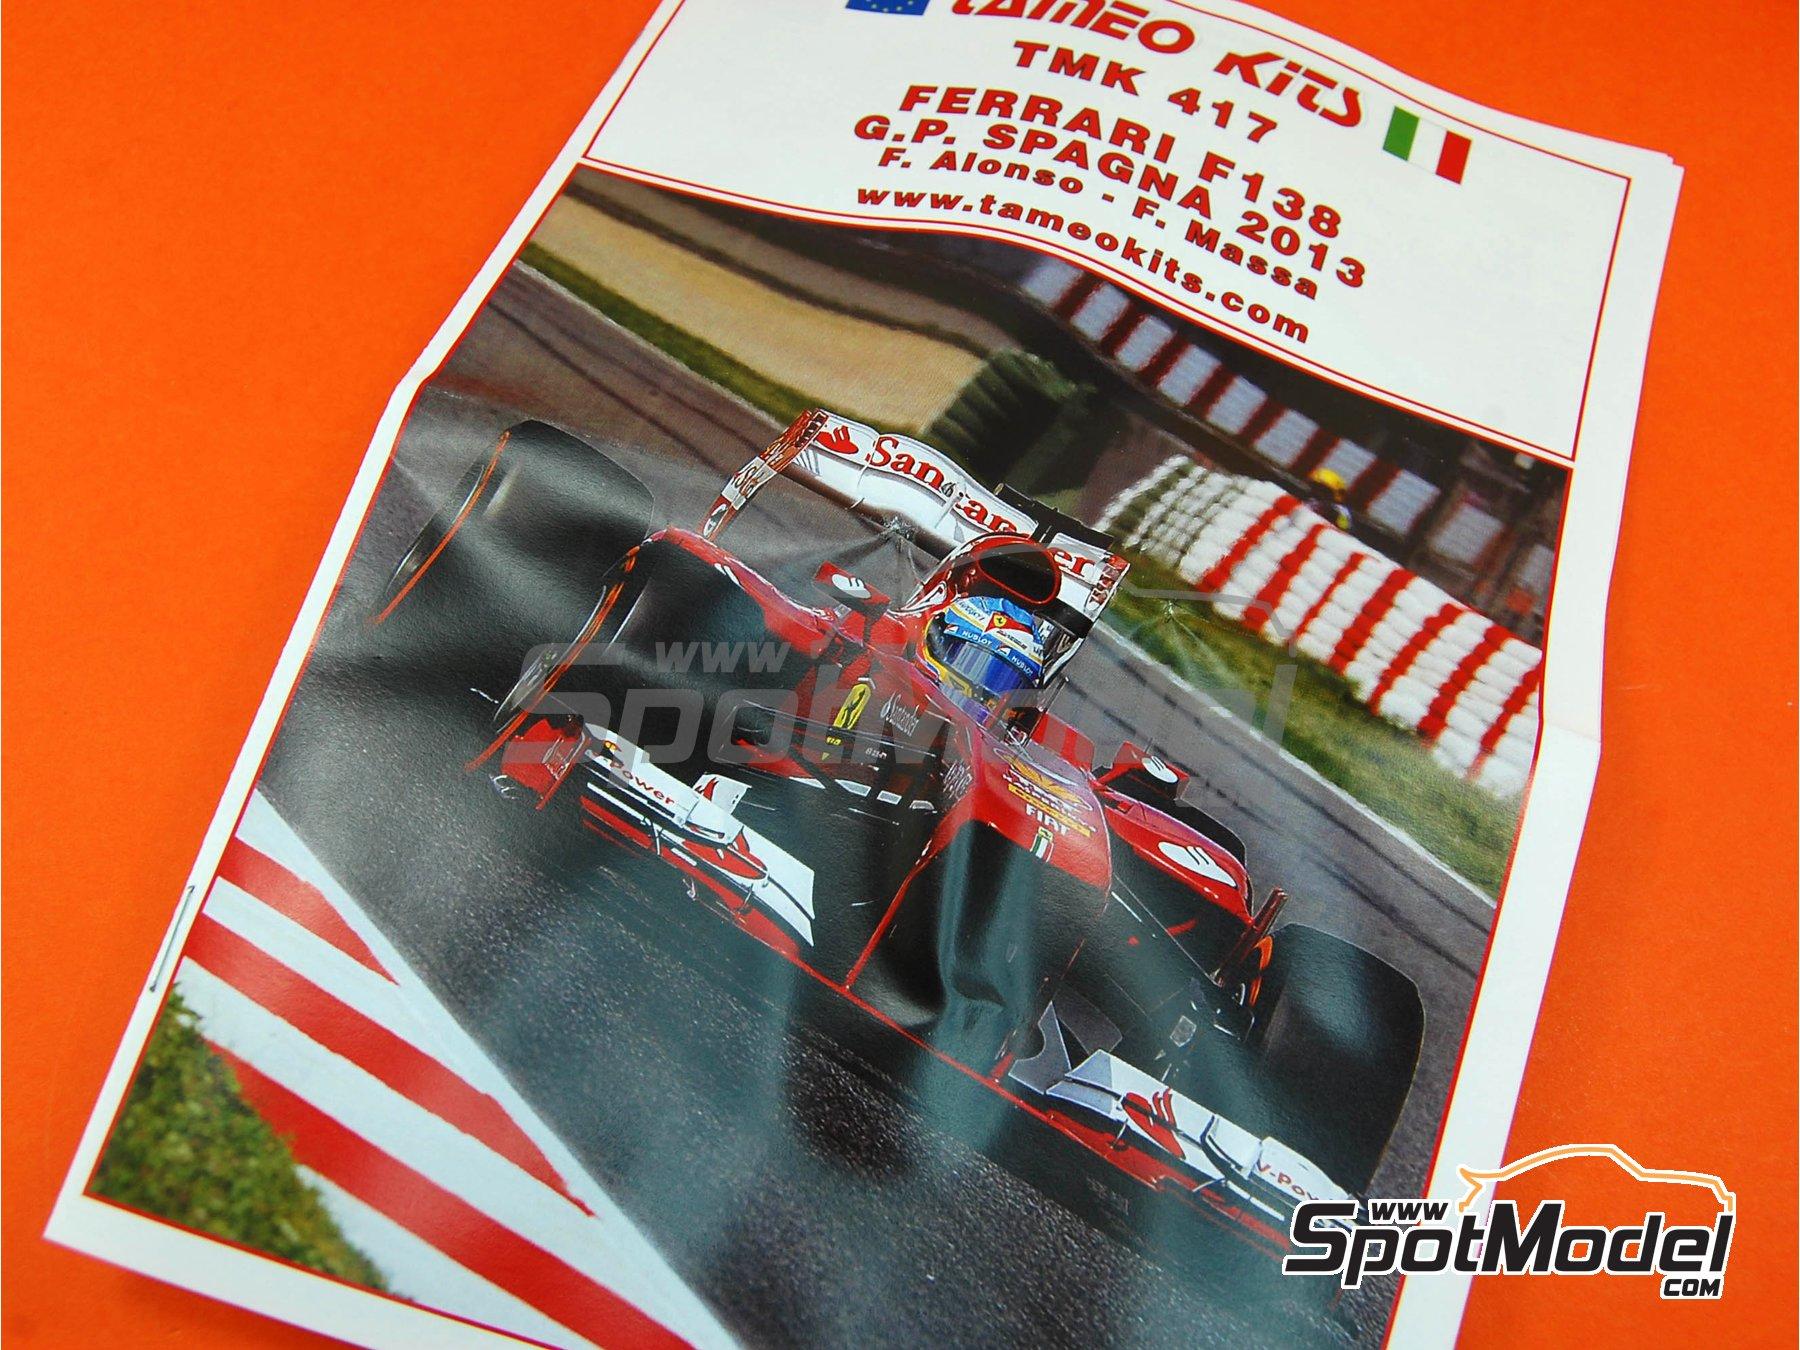 Image 1: Ferrari F138 F2013 Banco Santander - Gran Premio de Fórmula 1 de España 2013 | Maqueta de coche en escala1/43 fabricado por Tameo Kits (ref.TMK417)